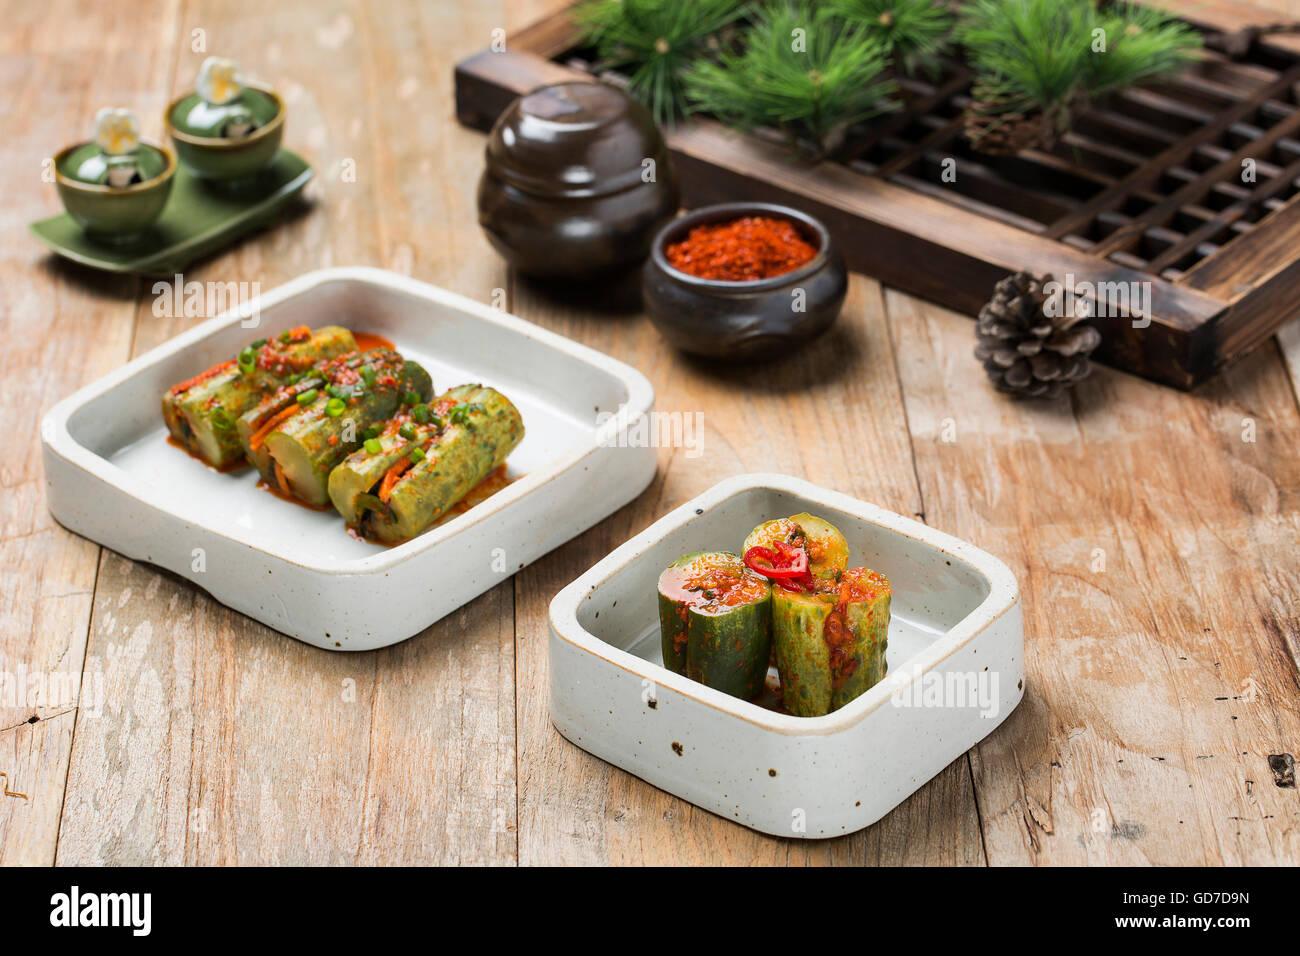 La nourriture traditionnelle coréenne - Kimchi (fermenté/Cornichon, la Cuisine Asiatique) Photo Stock